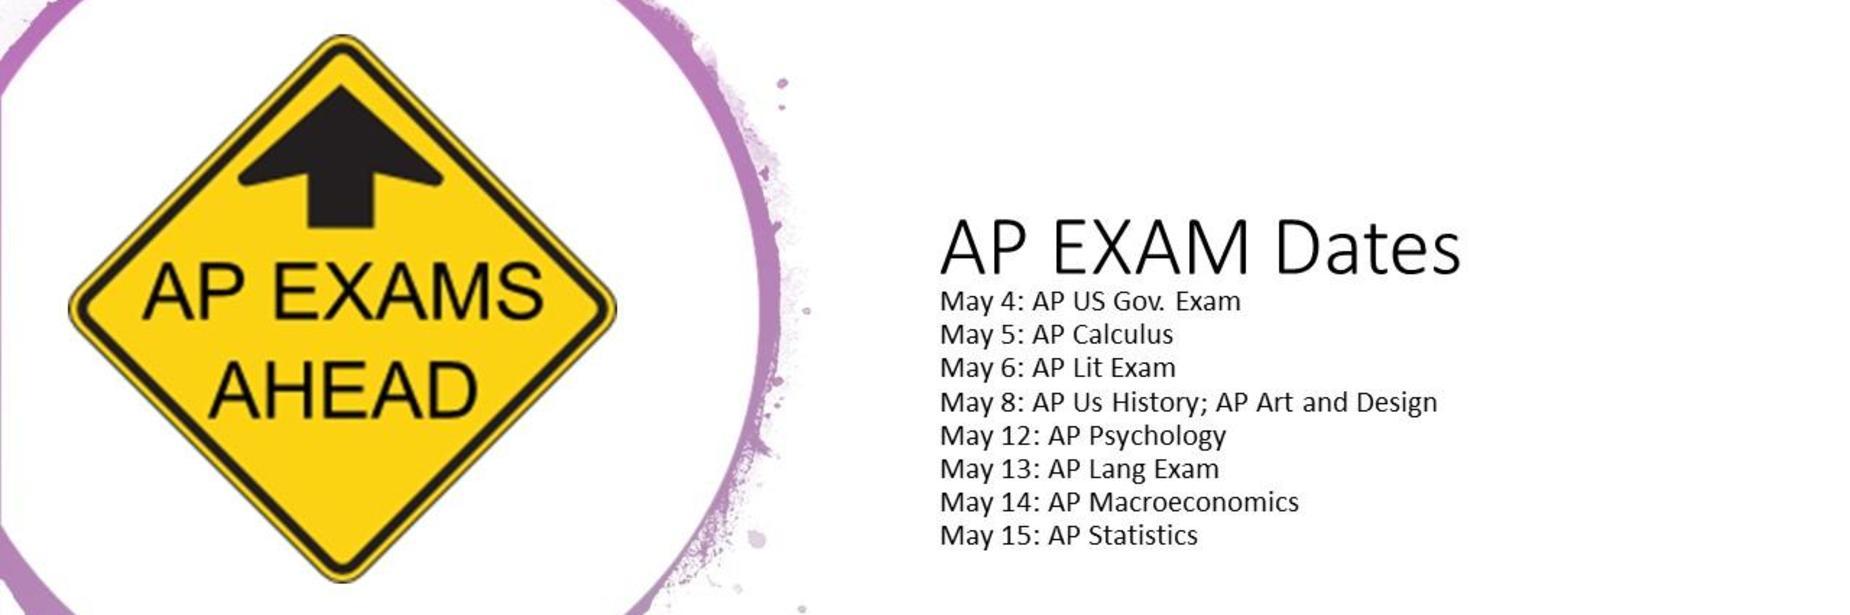 AP Exams Ahead: AP Exam Dates: May 4: AP US Gov. ExamMay 5: AP CalculusMay 6: AP Lit ExamMay 8: AP Us History; AP Art and DesignMay 12: AP Psychology May 13: AP Lang ExamMay 14: AP MacroeconomicsMay 15: AP Statistics